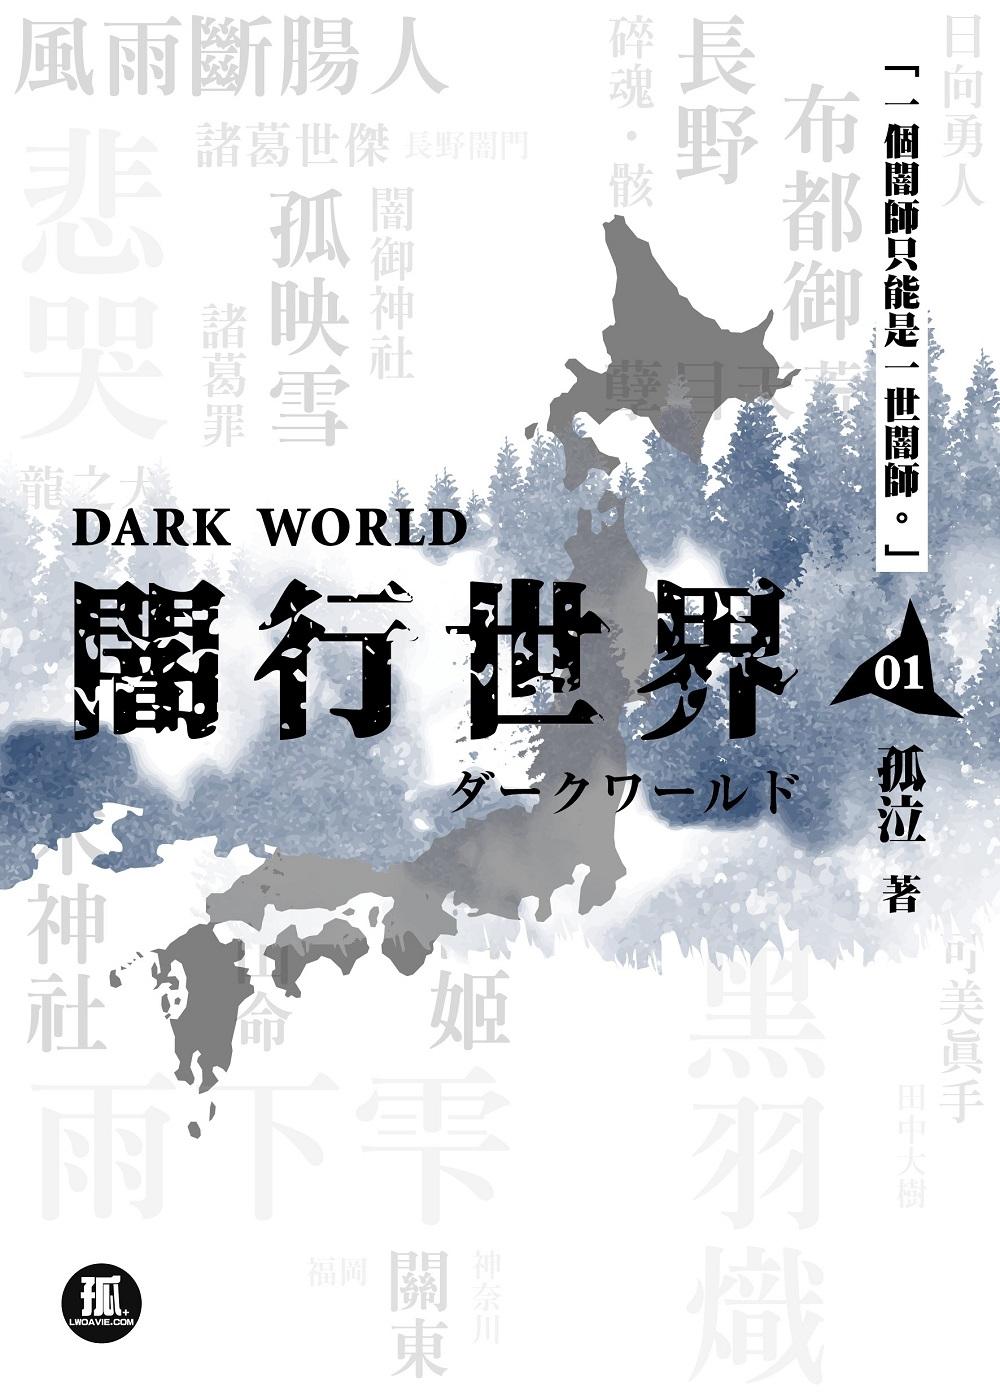 闇行世界01